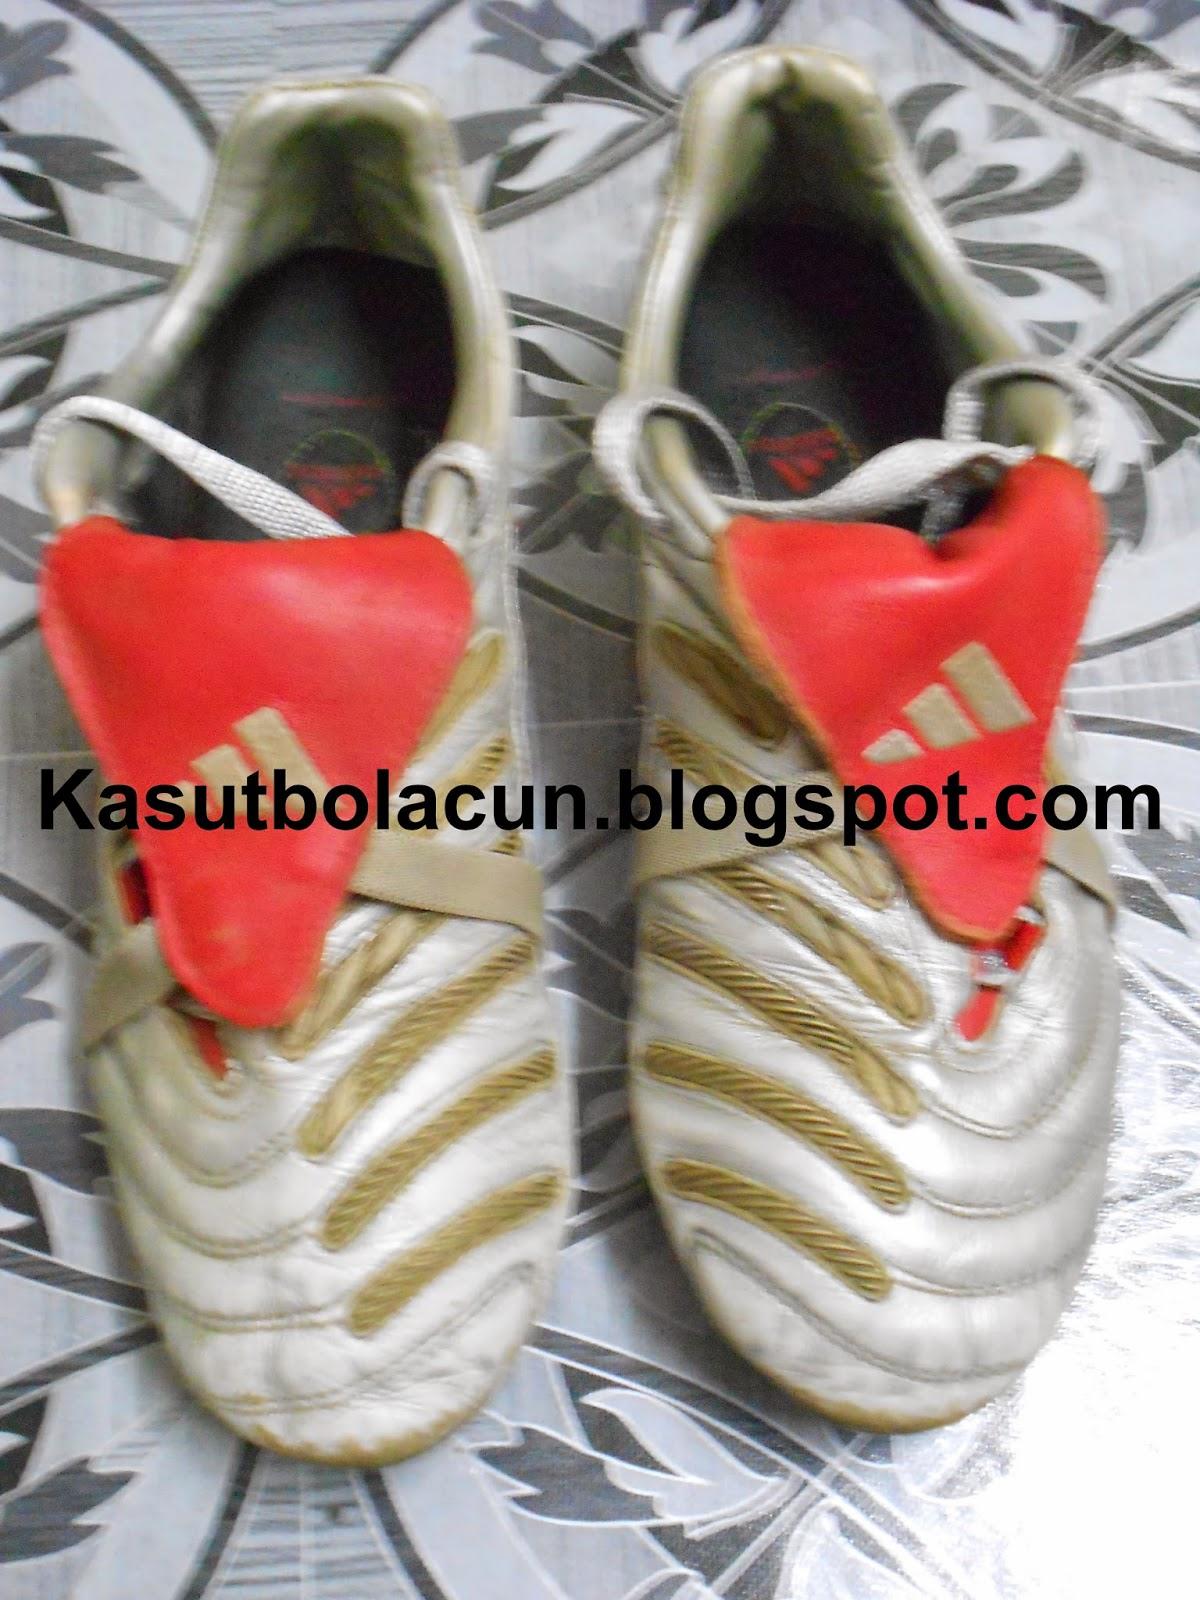 http://kasutbolacun.blogspot.com/2015/02/adidas-predator-pulse-sg.html